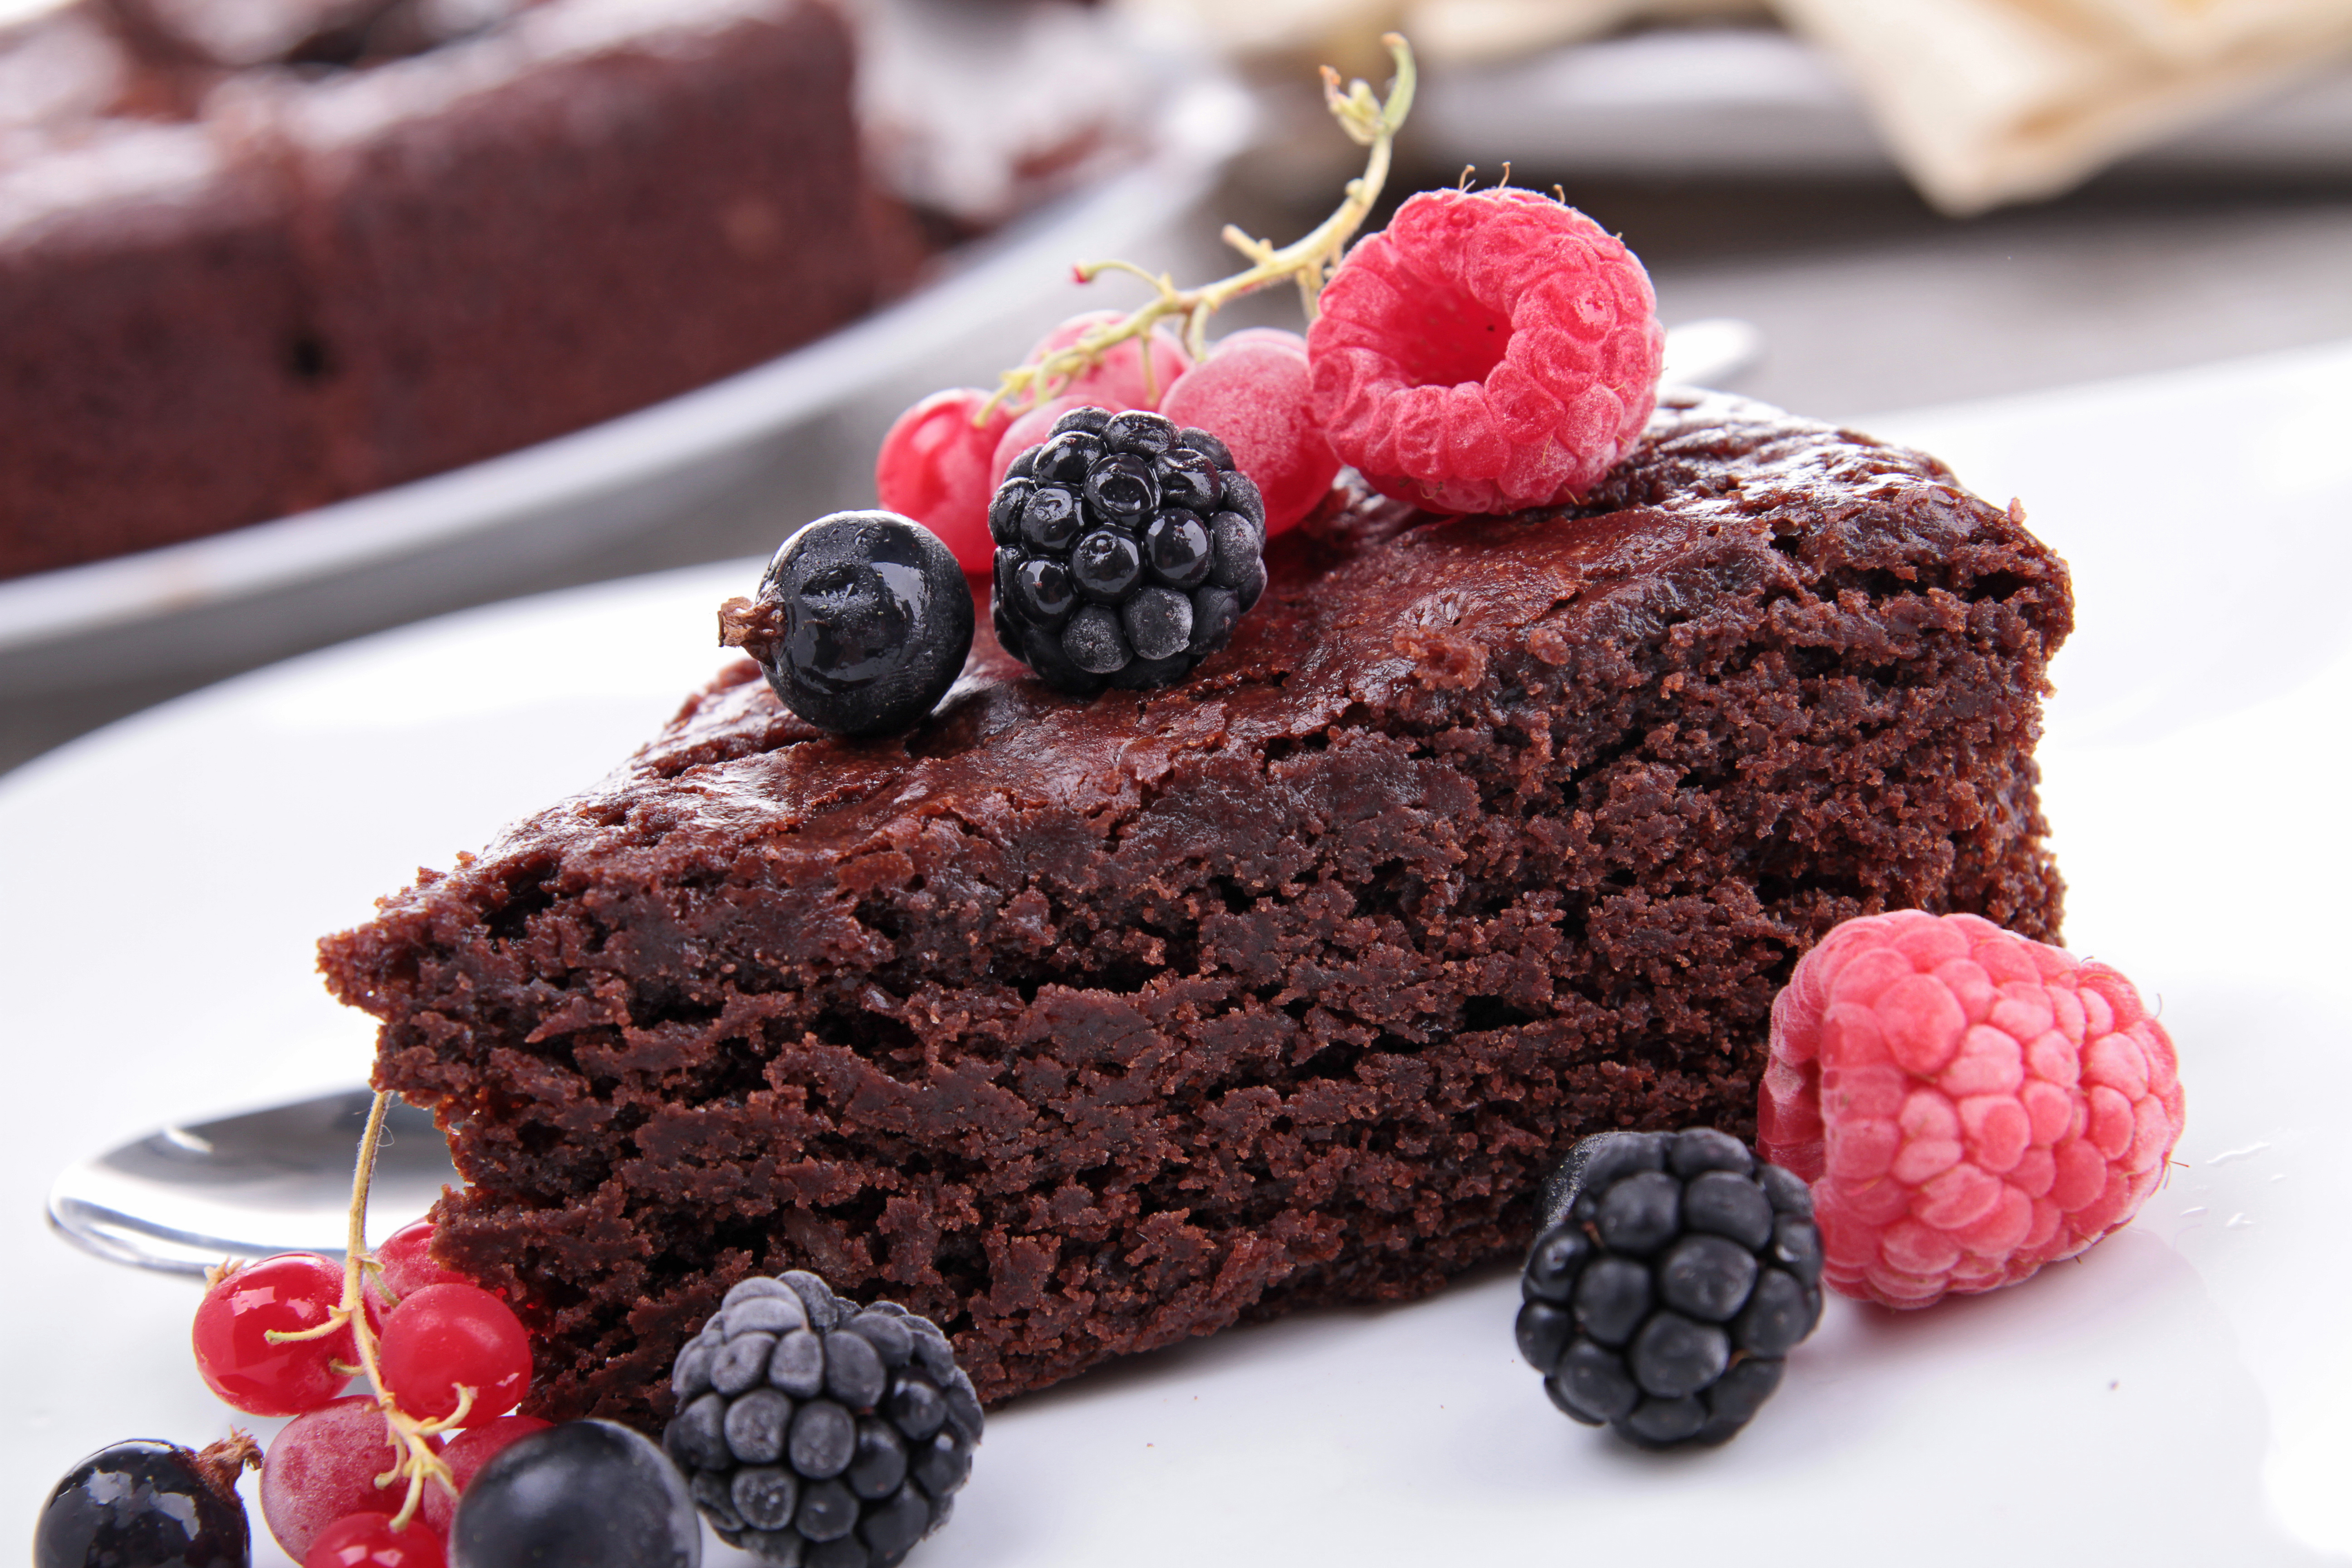 еда торт пирожное food cake без смс